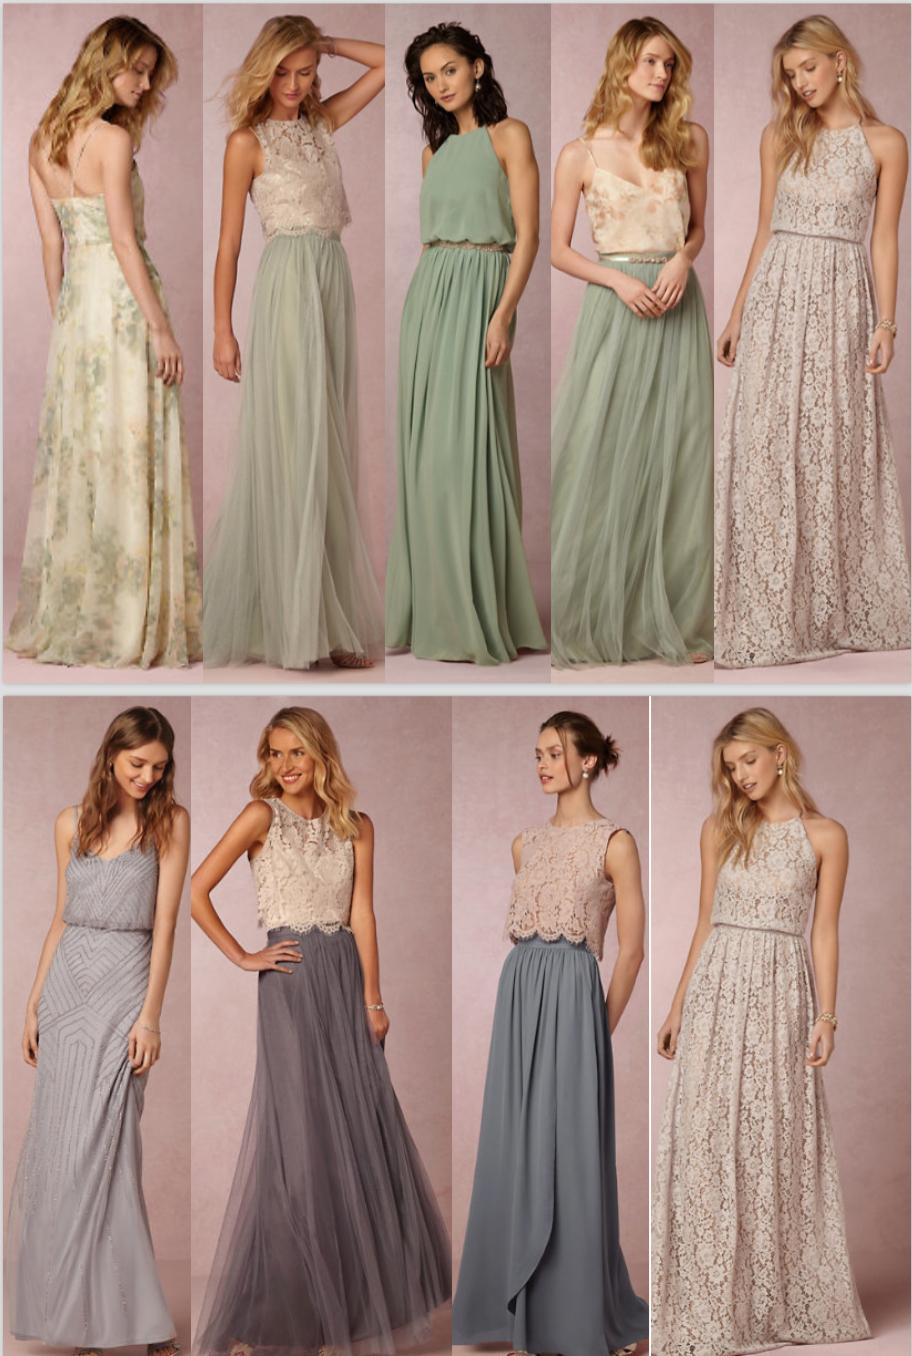 Brautkleider In Pastell Tönen | Trauzeugin Kleid, Kleid